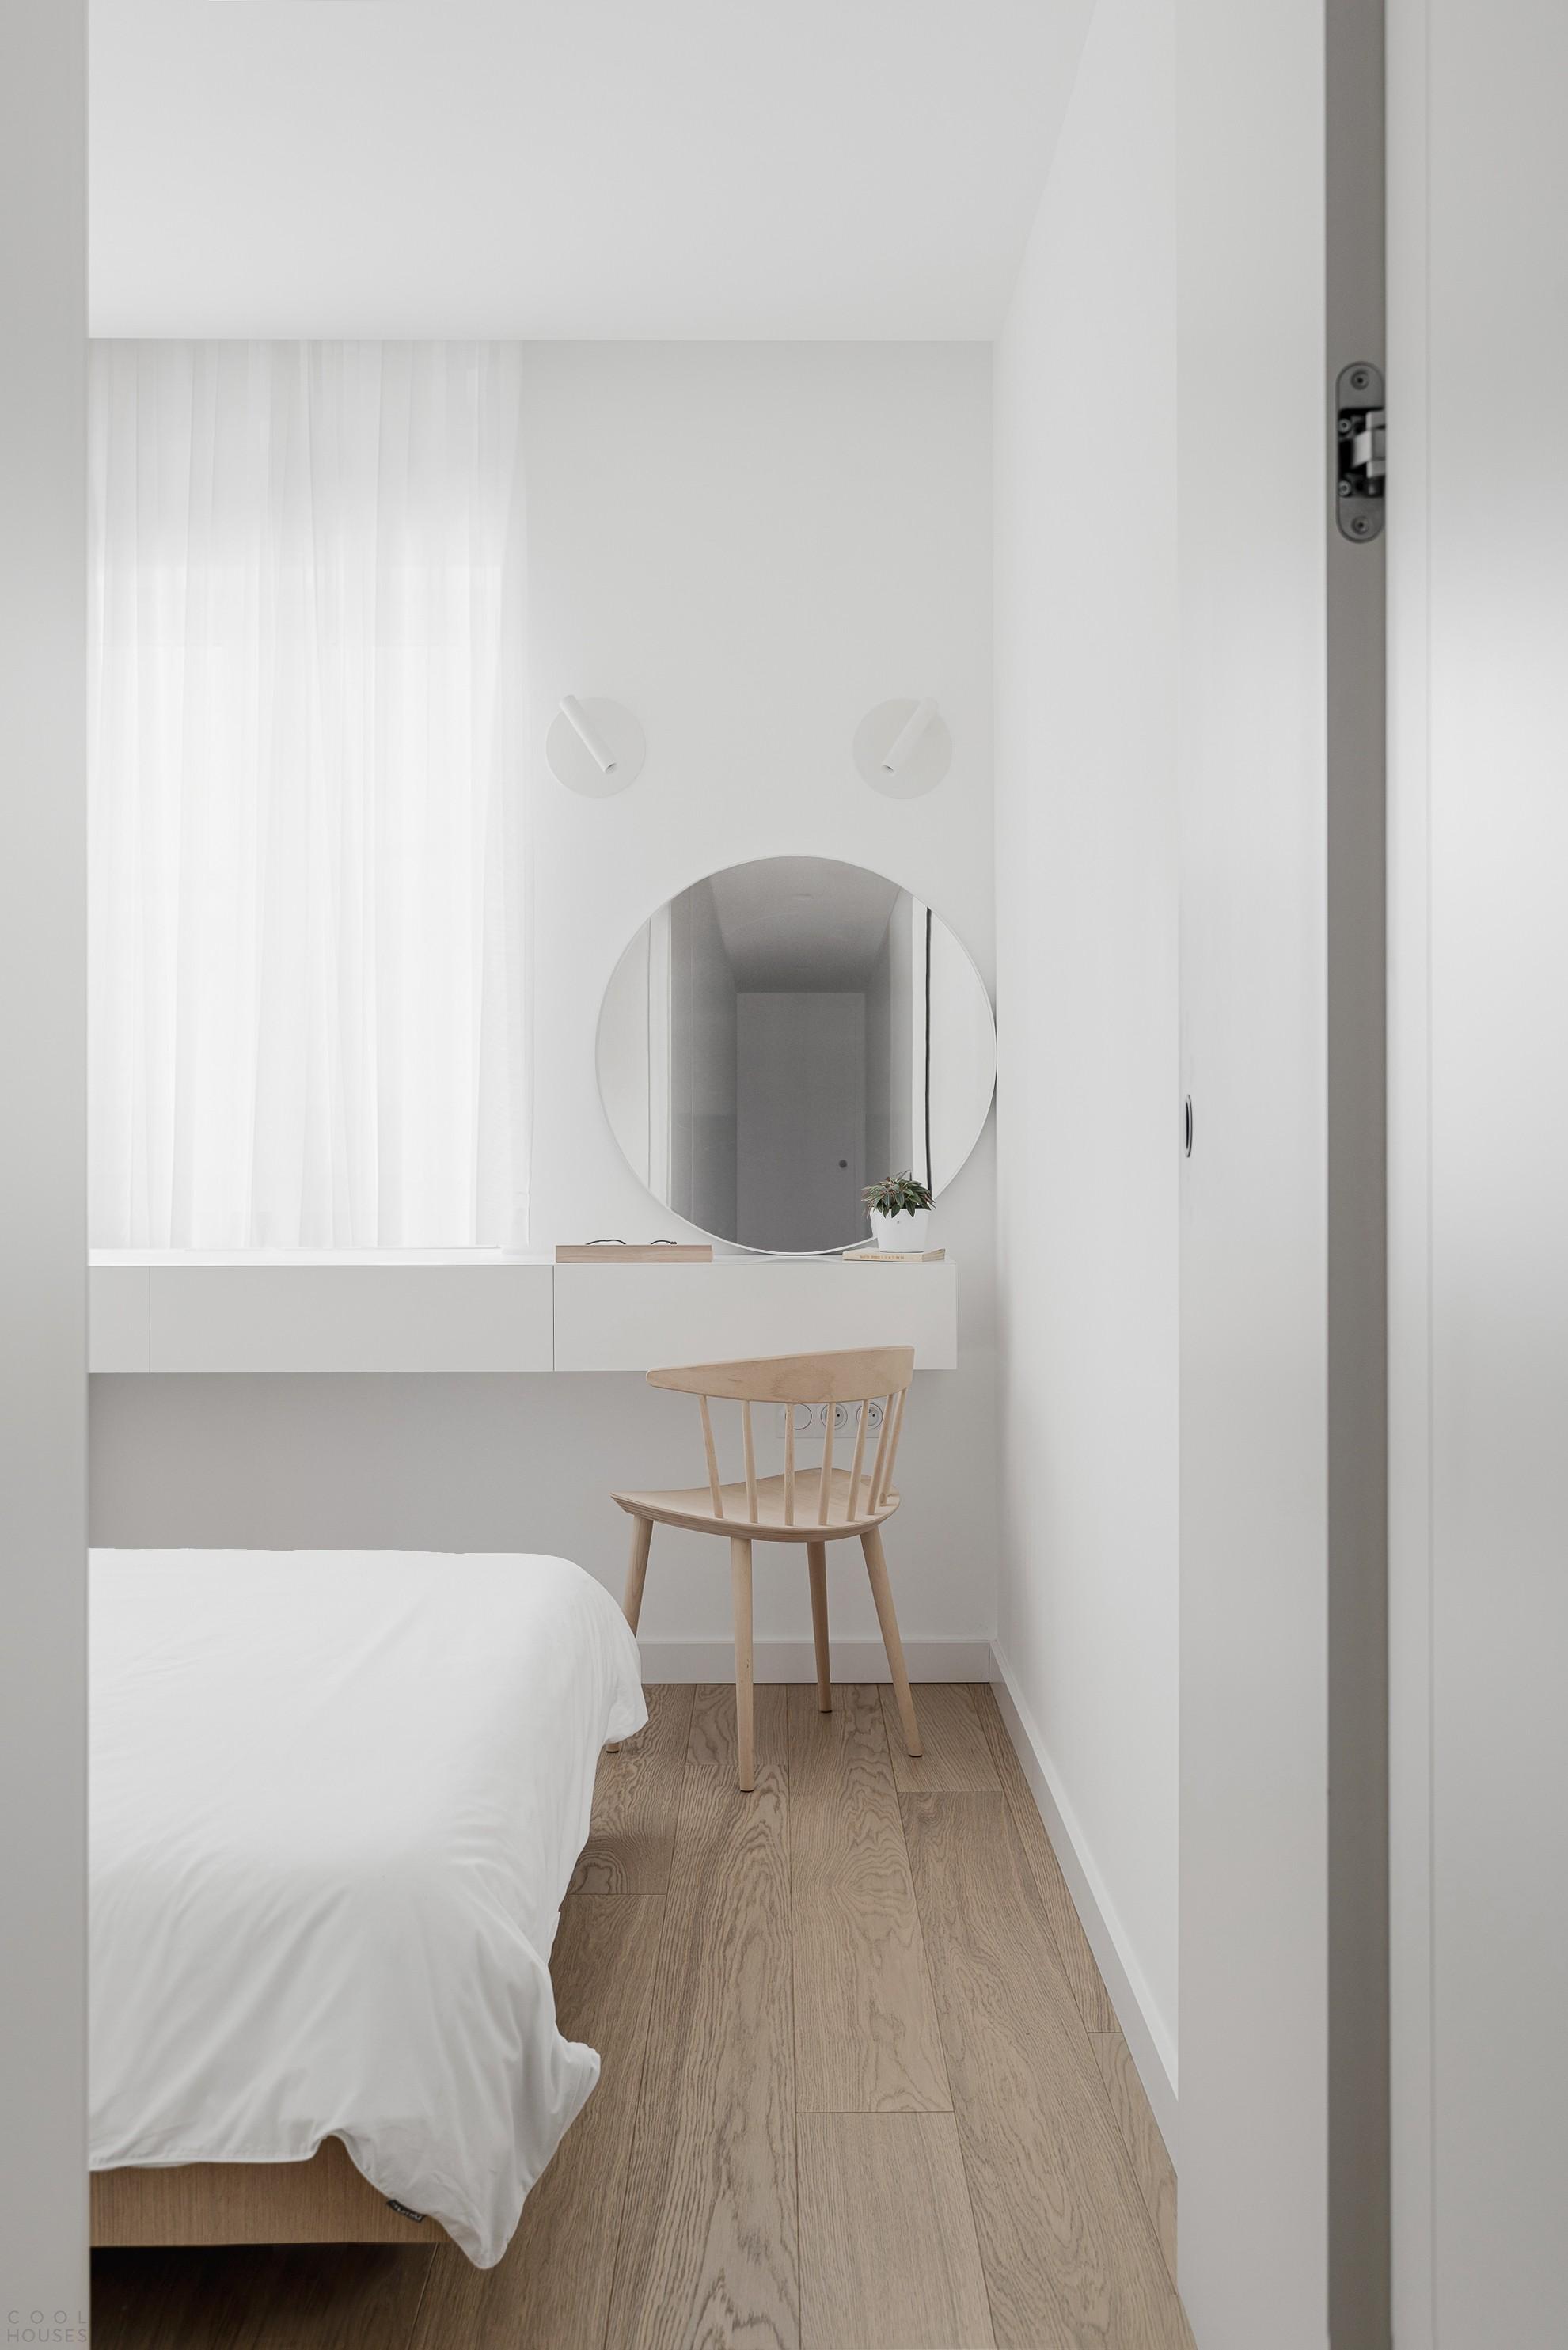 Небольшая квартира с трансформируемым «многосюжетным» интерьером